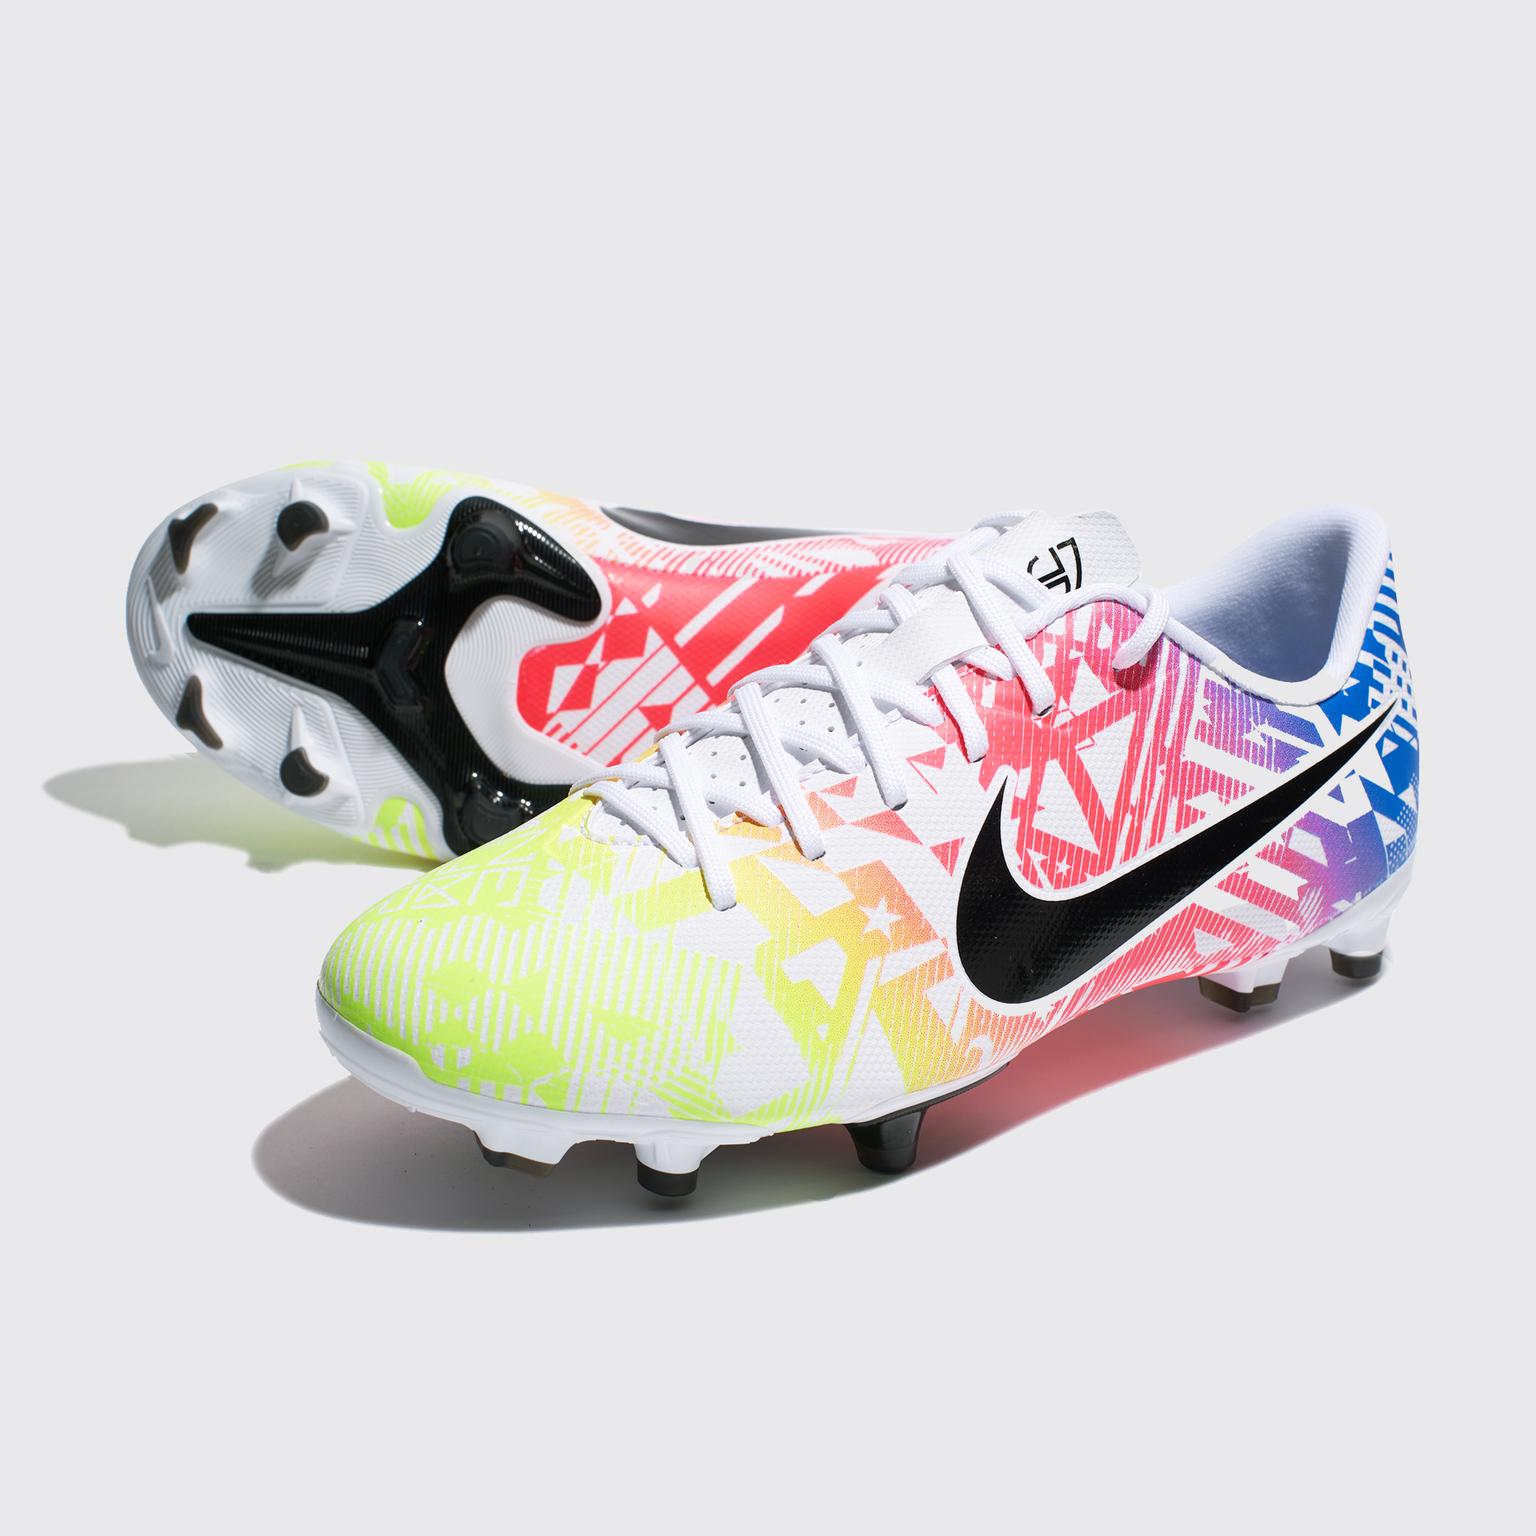 Фото - Бутсы детские Nike Vapor 13 Academy Neymar FG/MG AT8125-104 шиповки детские nike vapor 13 academy neymar tf at8144 104